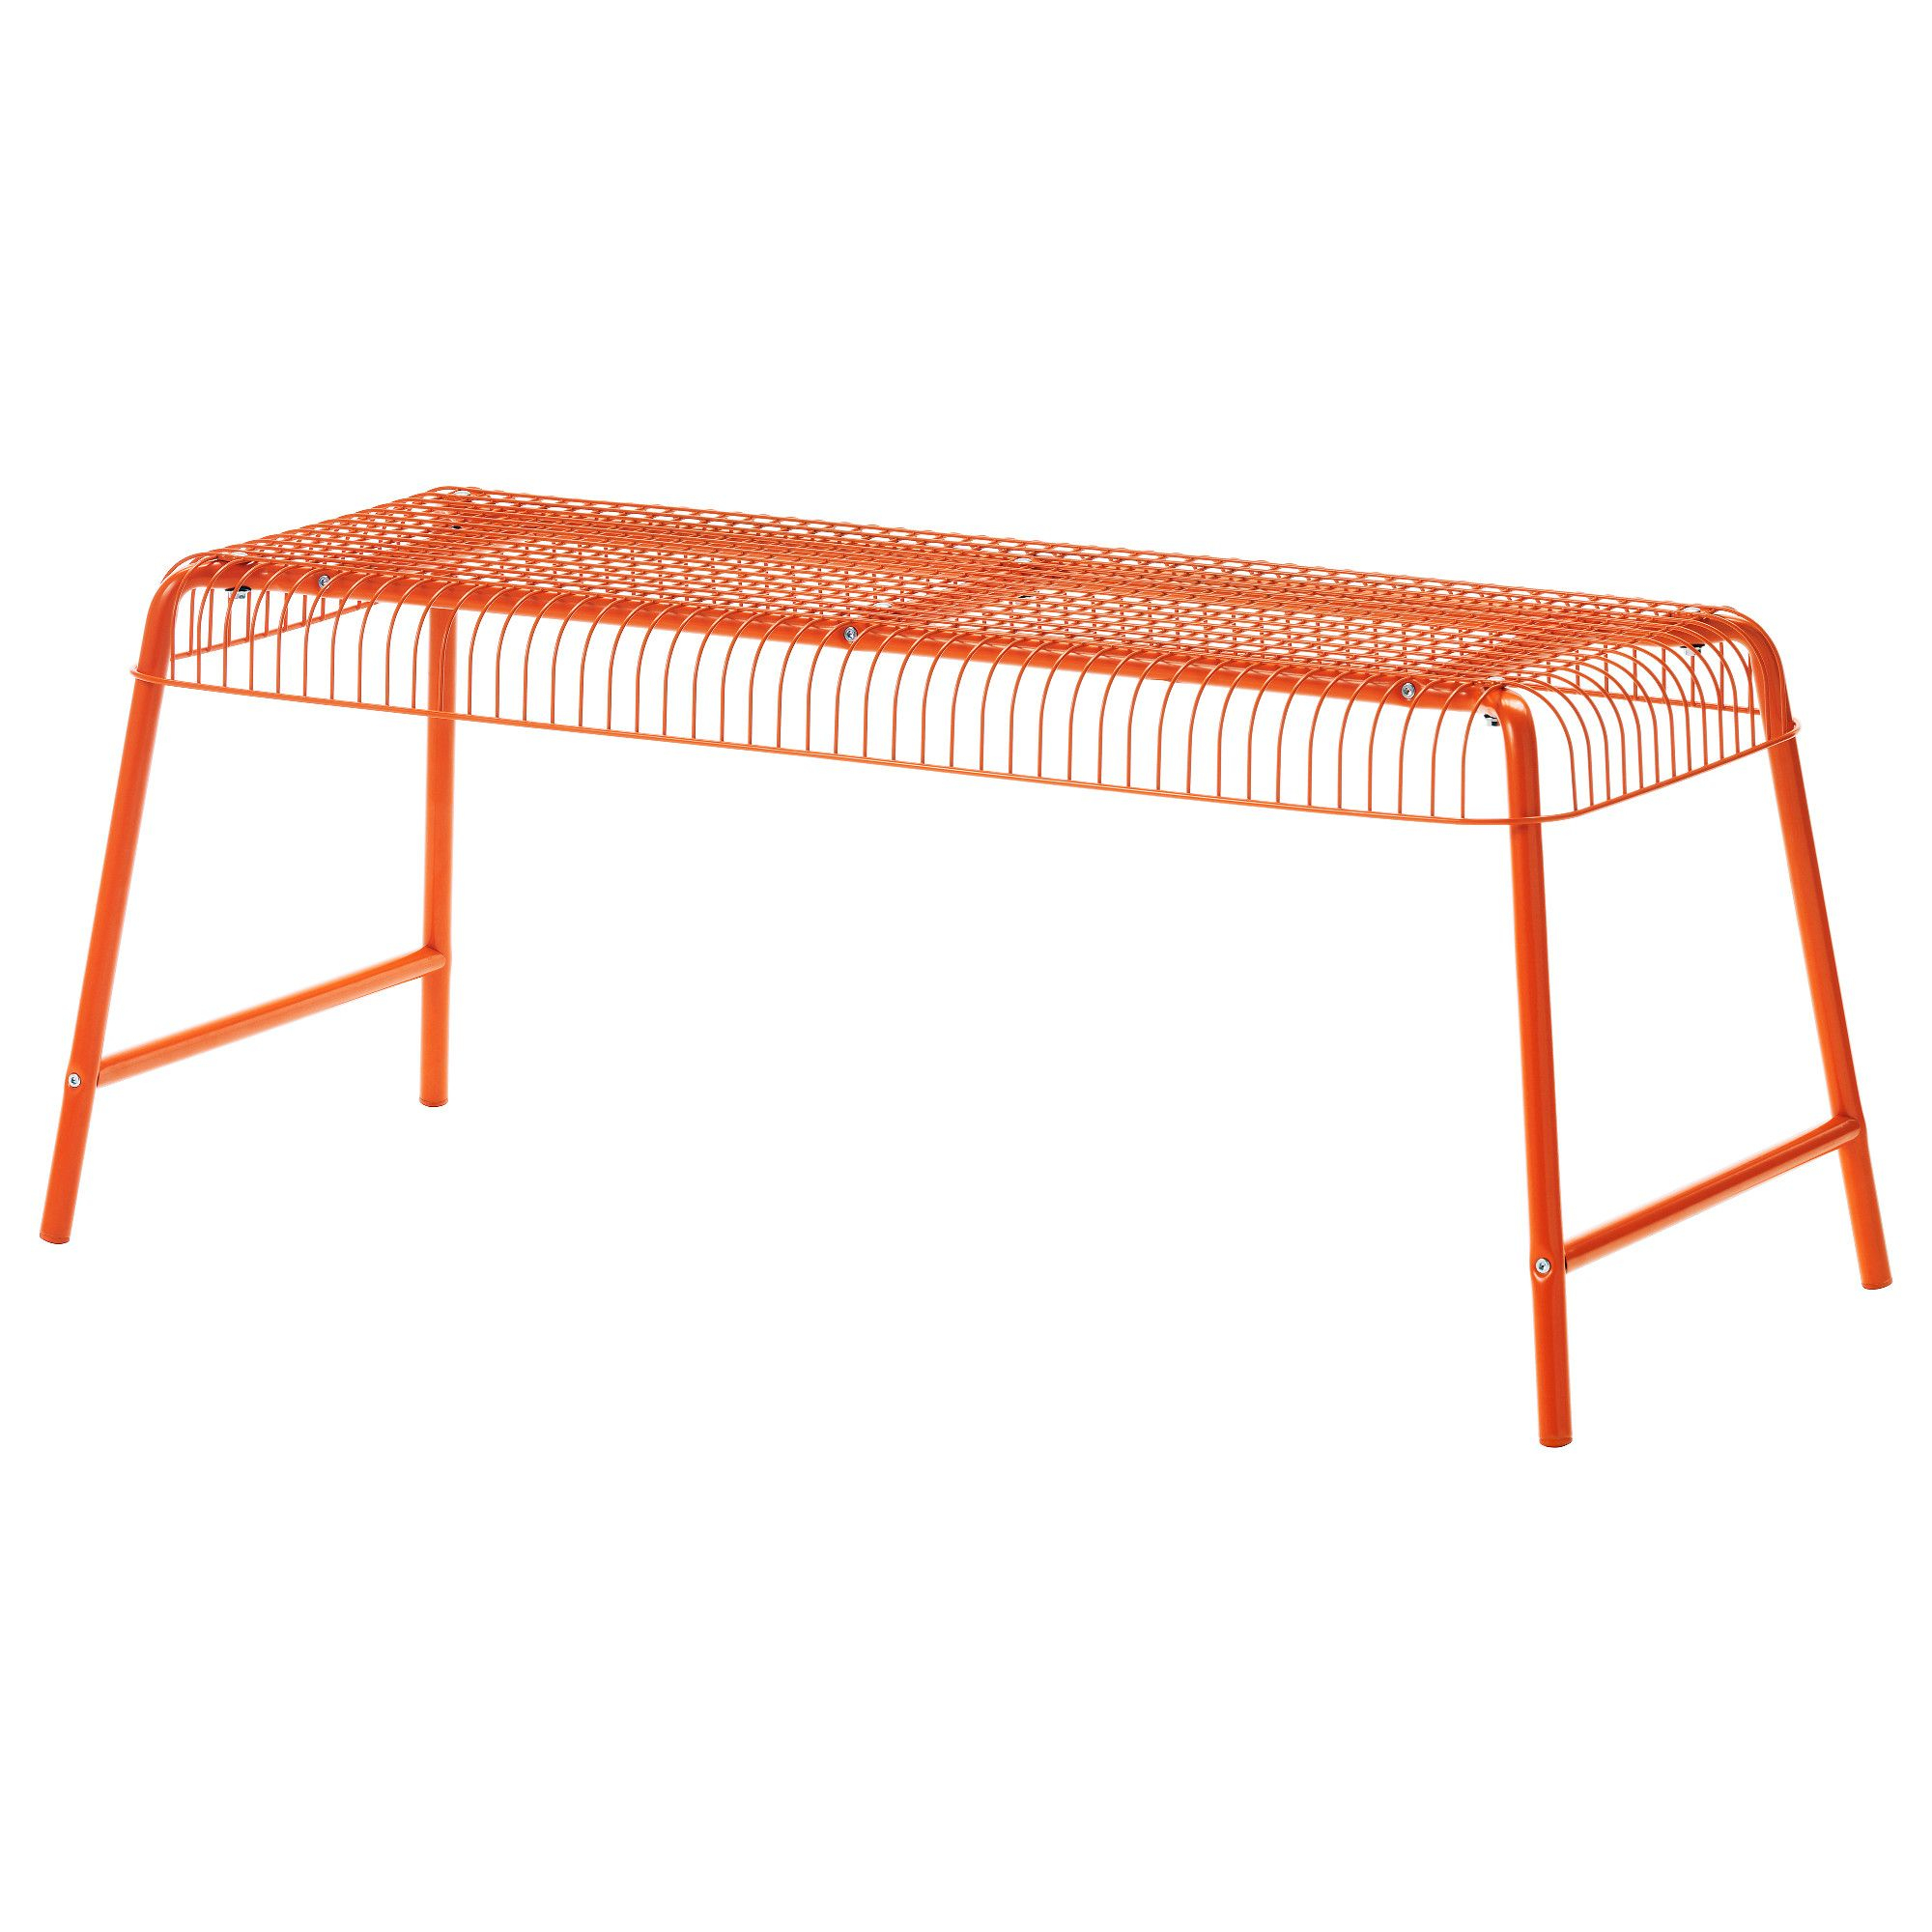 Mobilier Et Décoration - Intérieur Et Extérieur | Ikea Patio ... dedans Banc De Jardin Ikea